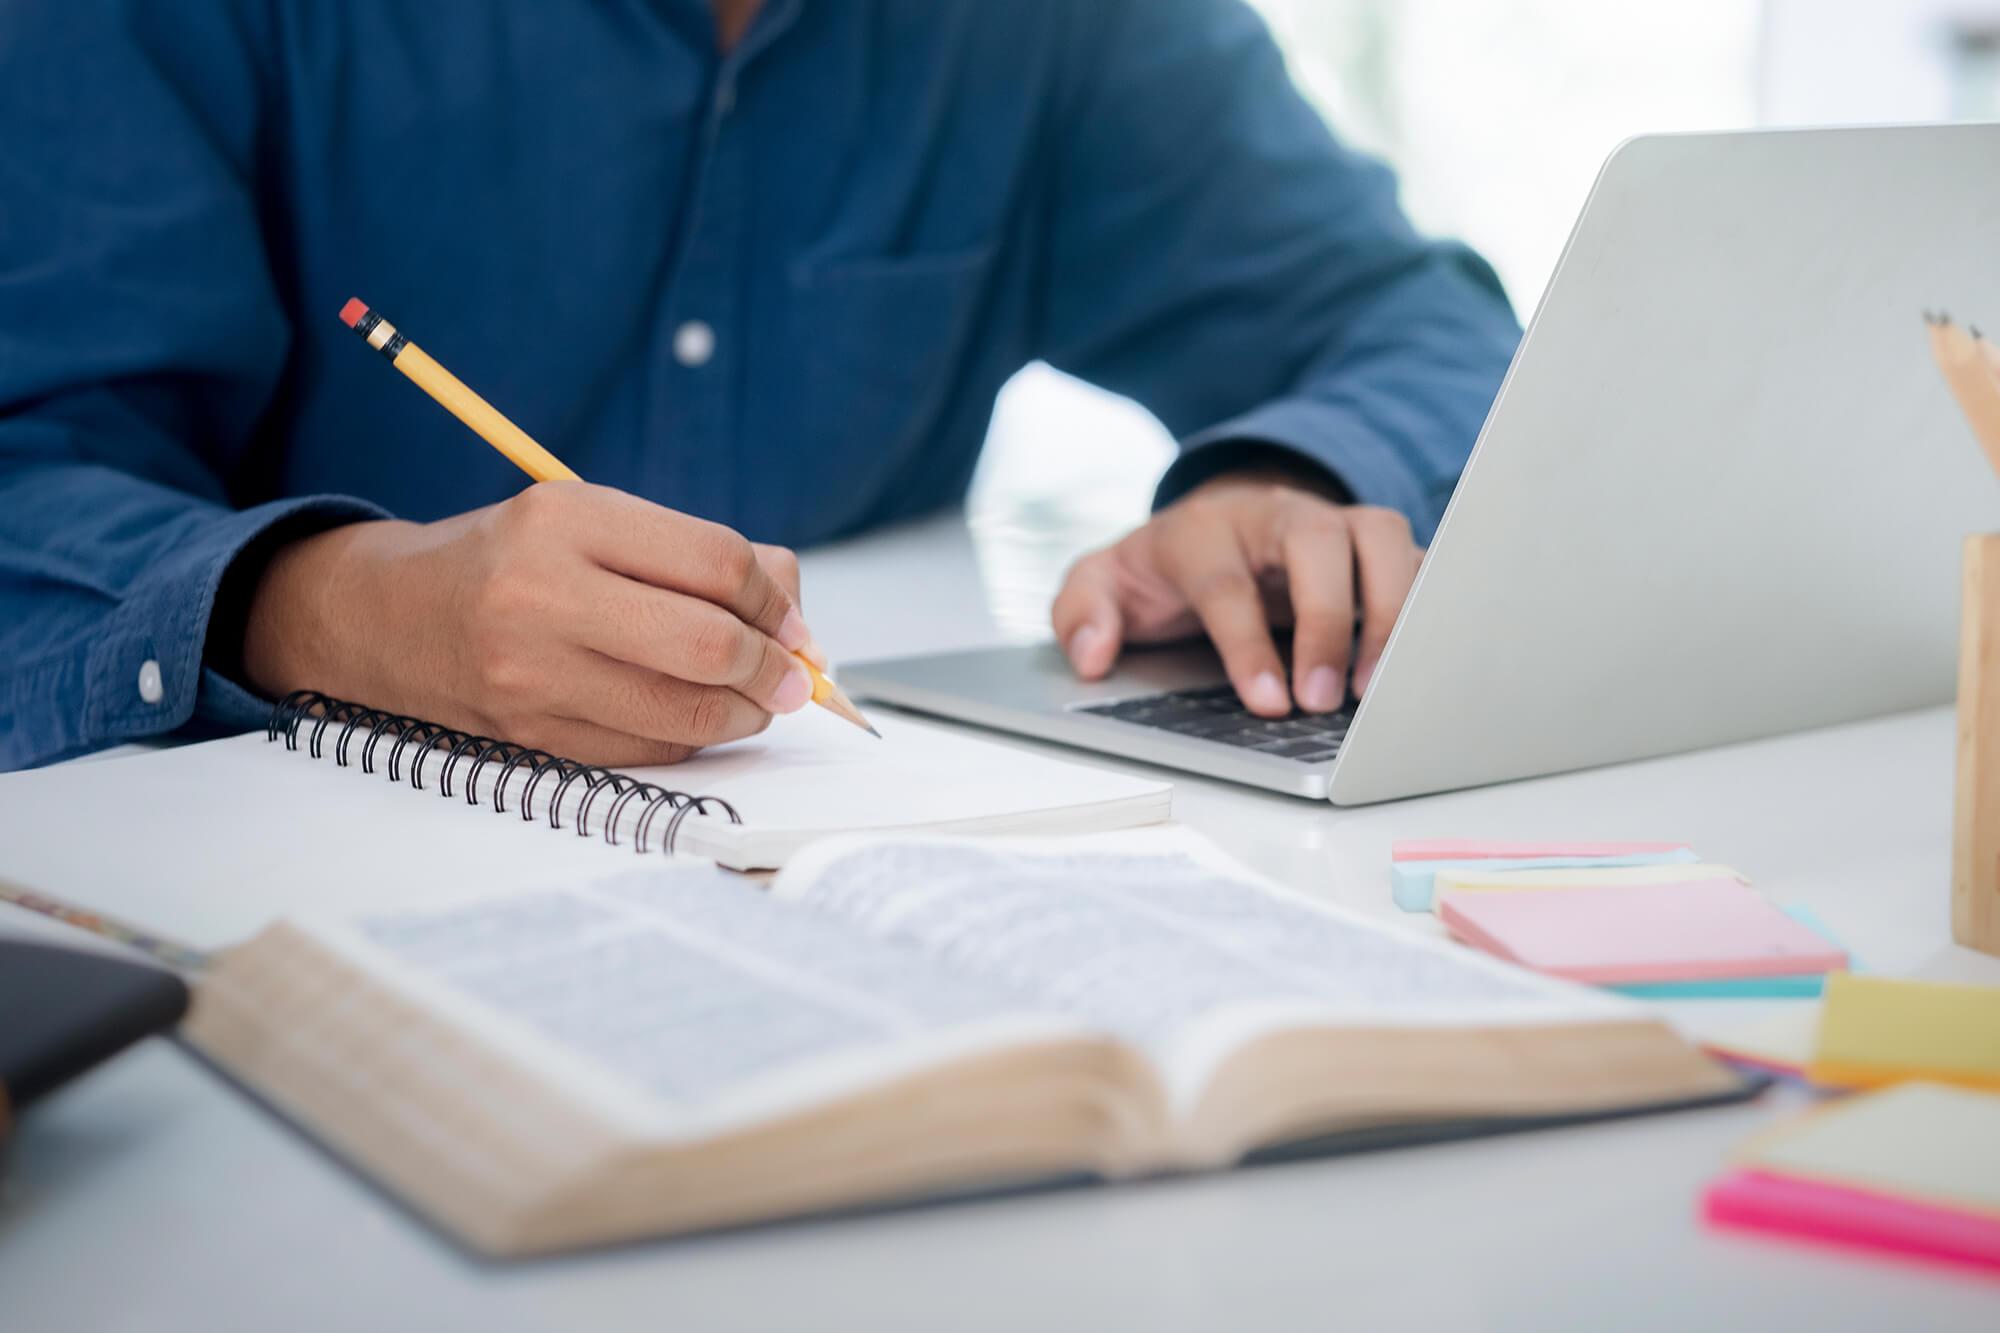 Person lernt mit einem Laptop, Büchern und einem Schreibblock